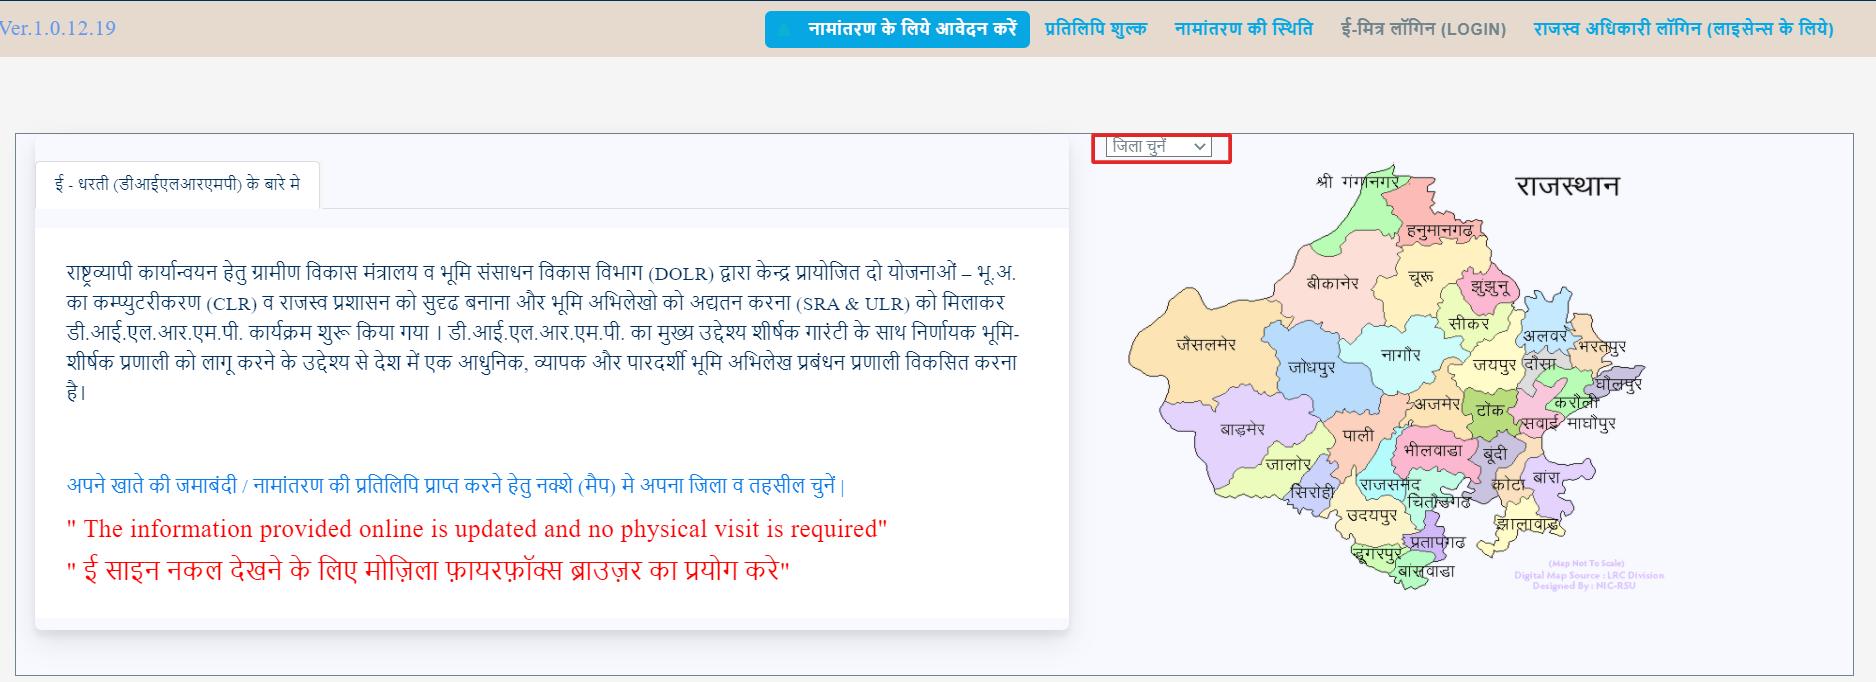 E Dharti अपना खाता राजस्थान